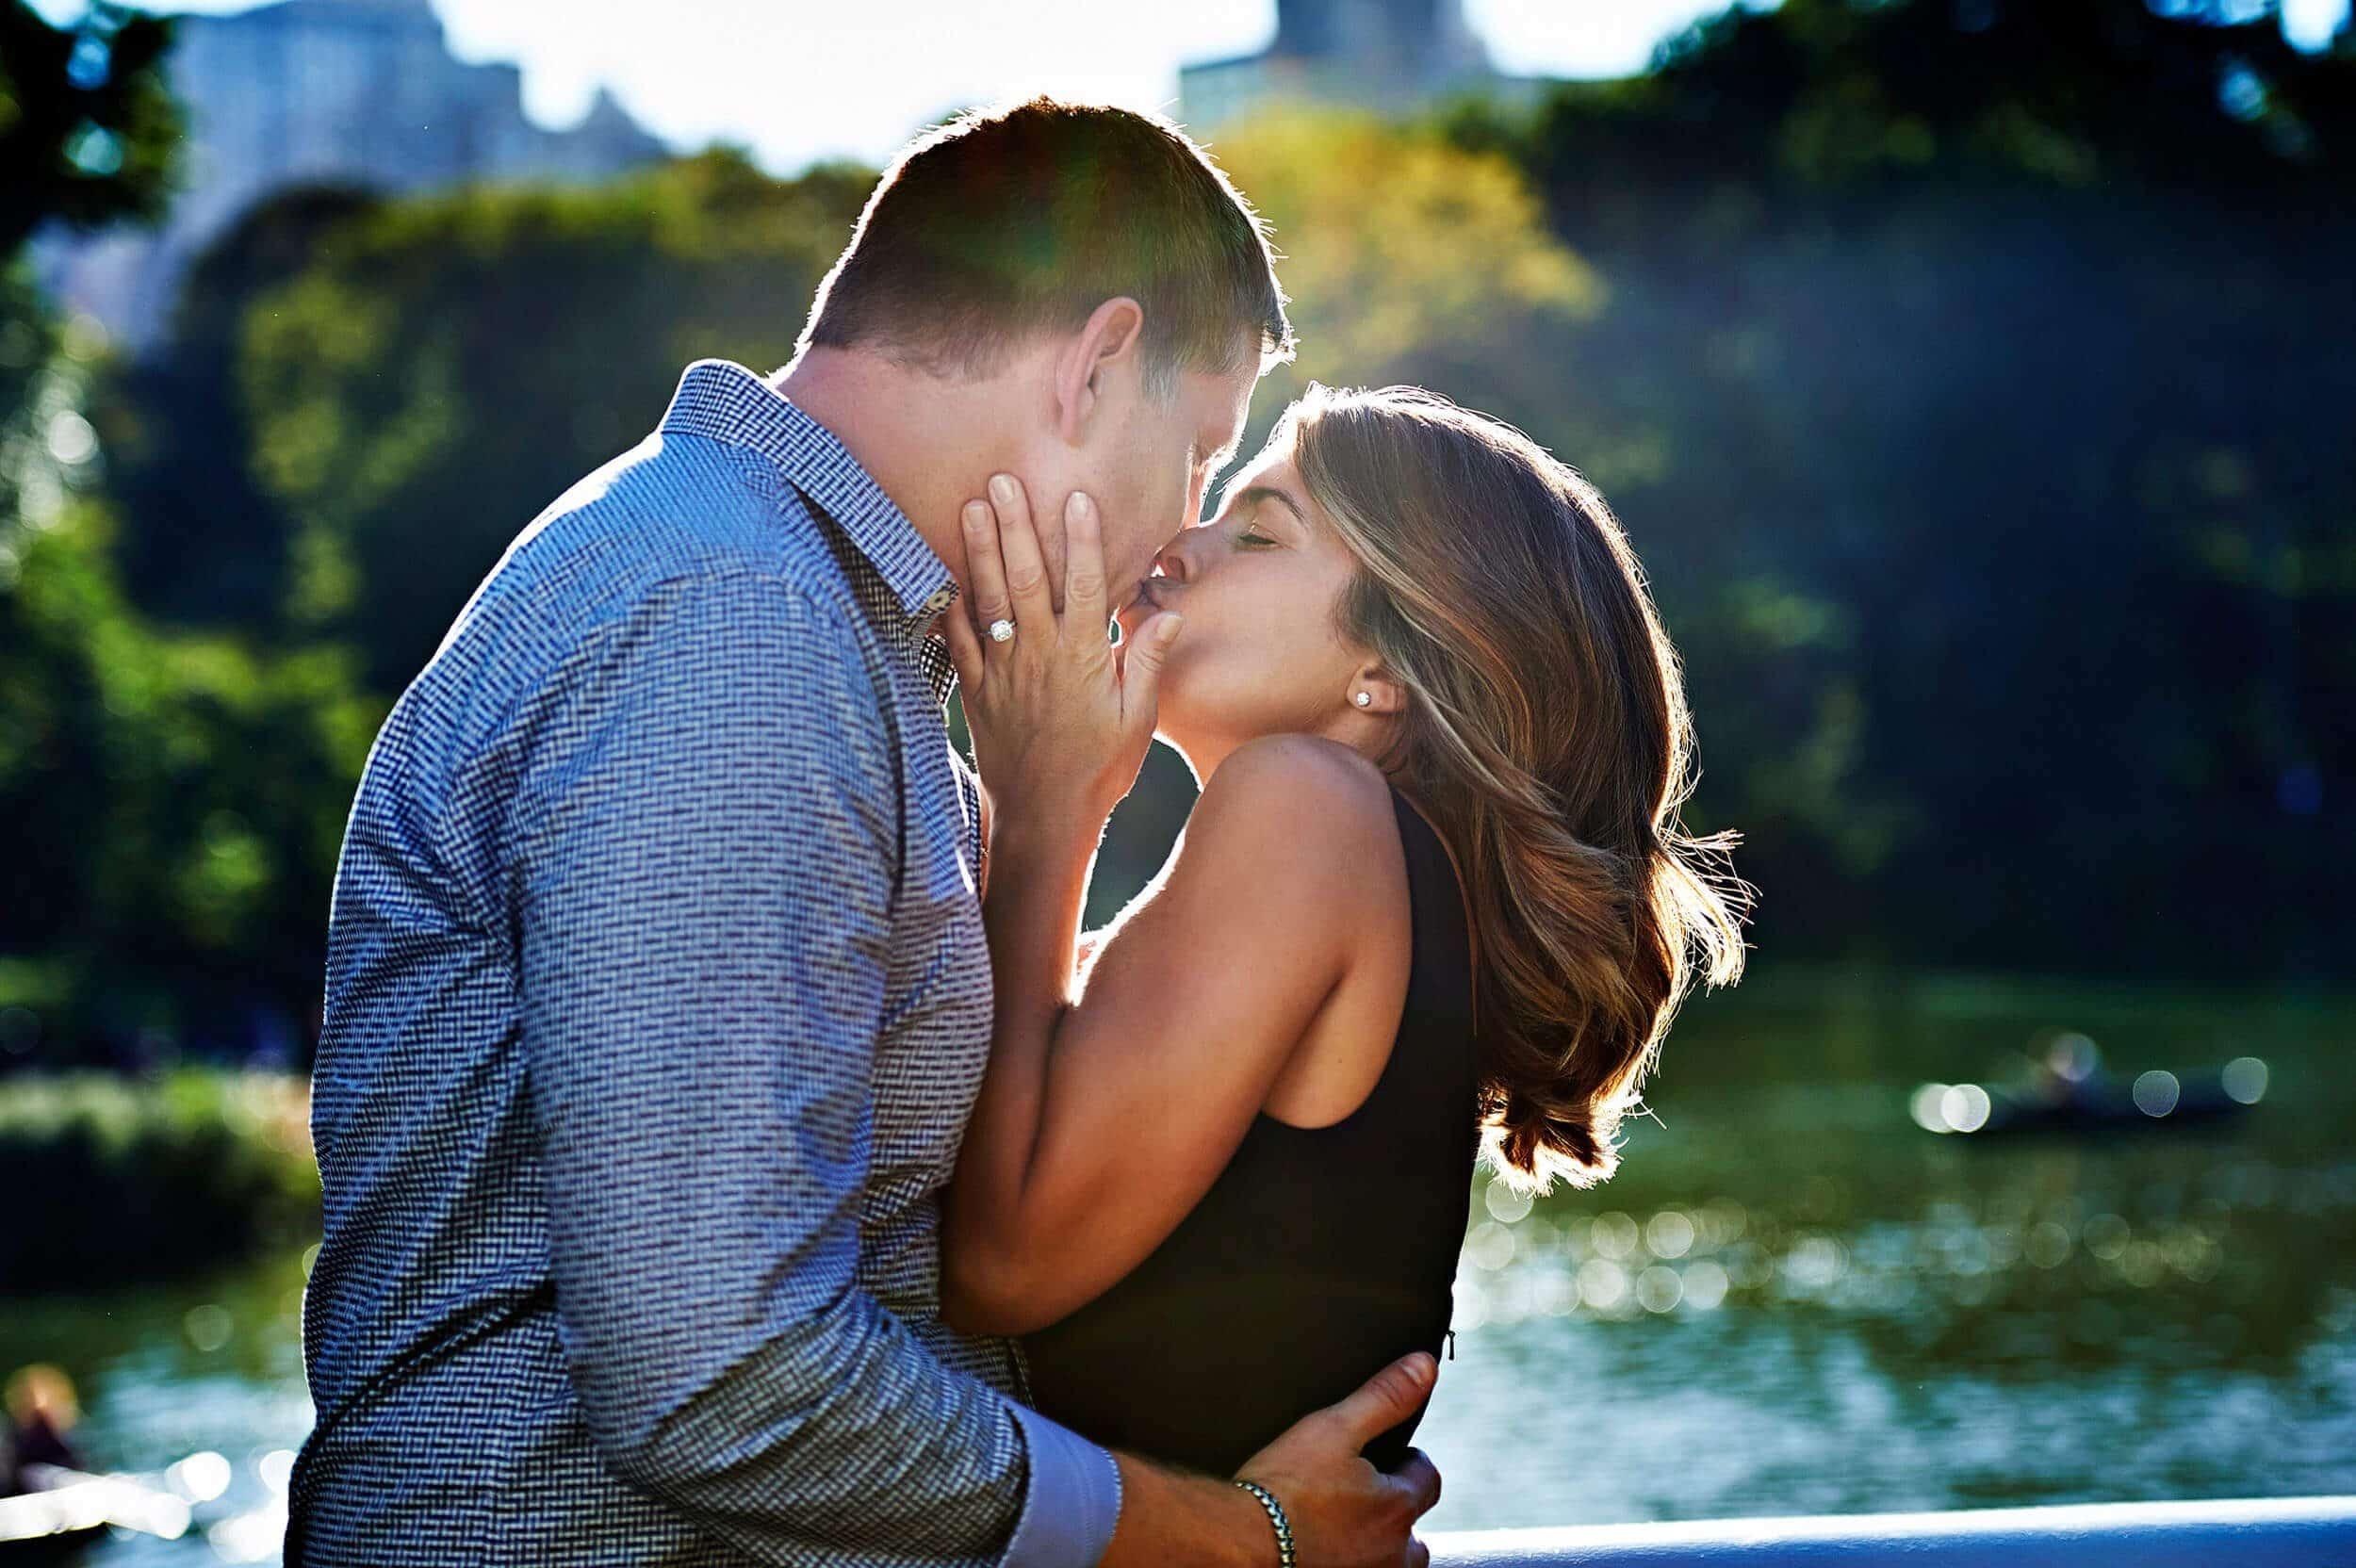 NewYorkCity_Christmas_Photo_Shoot_Couples_Engagement_0001